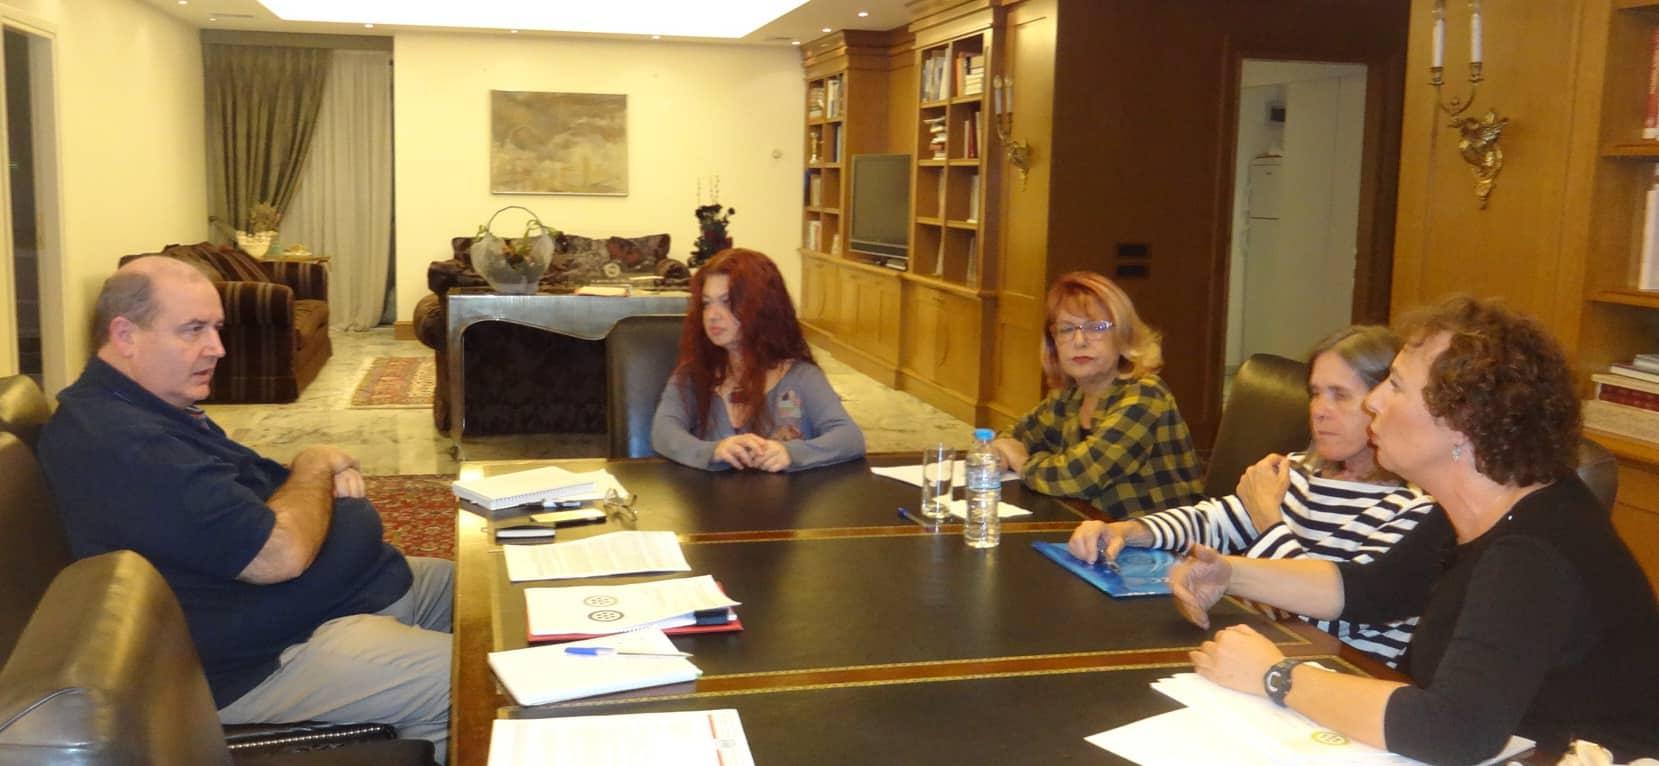 ΔΕΛΤΙΟ ΤΥΠΟΥ: Συνάντηση ΠΦΠΟ με τον Υπουργό Παιδείας / Meeting of PFPO with the Minister of Education